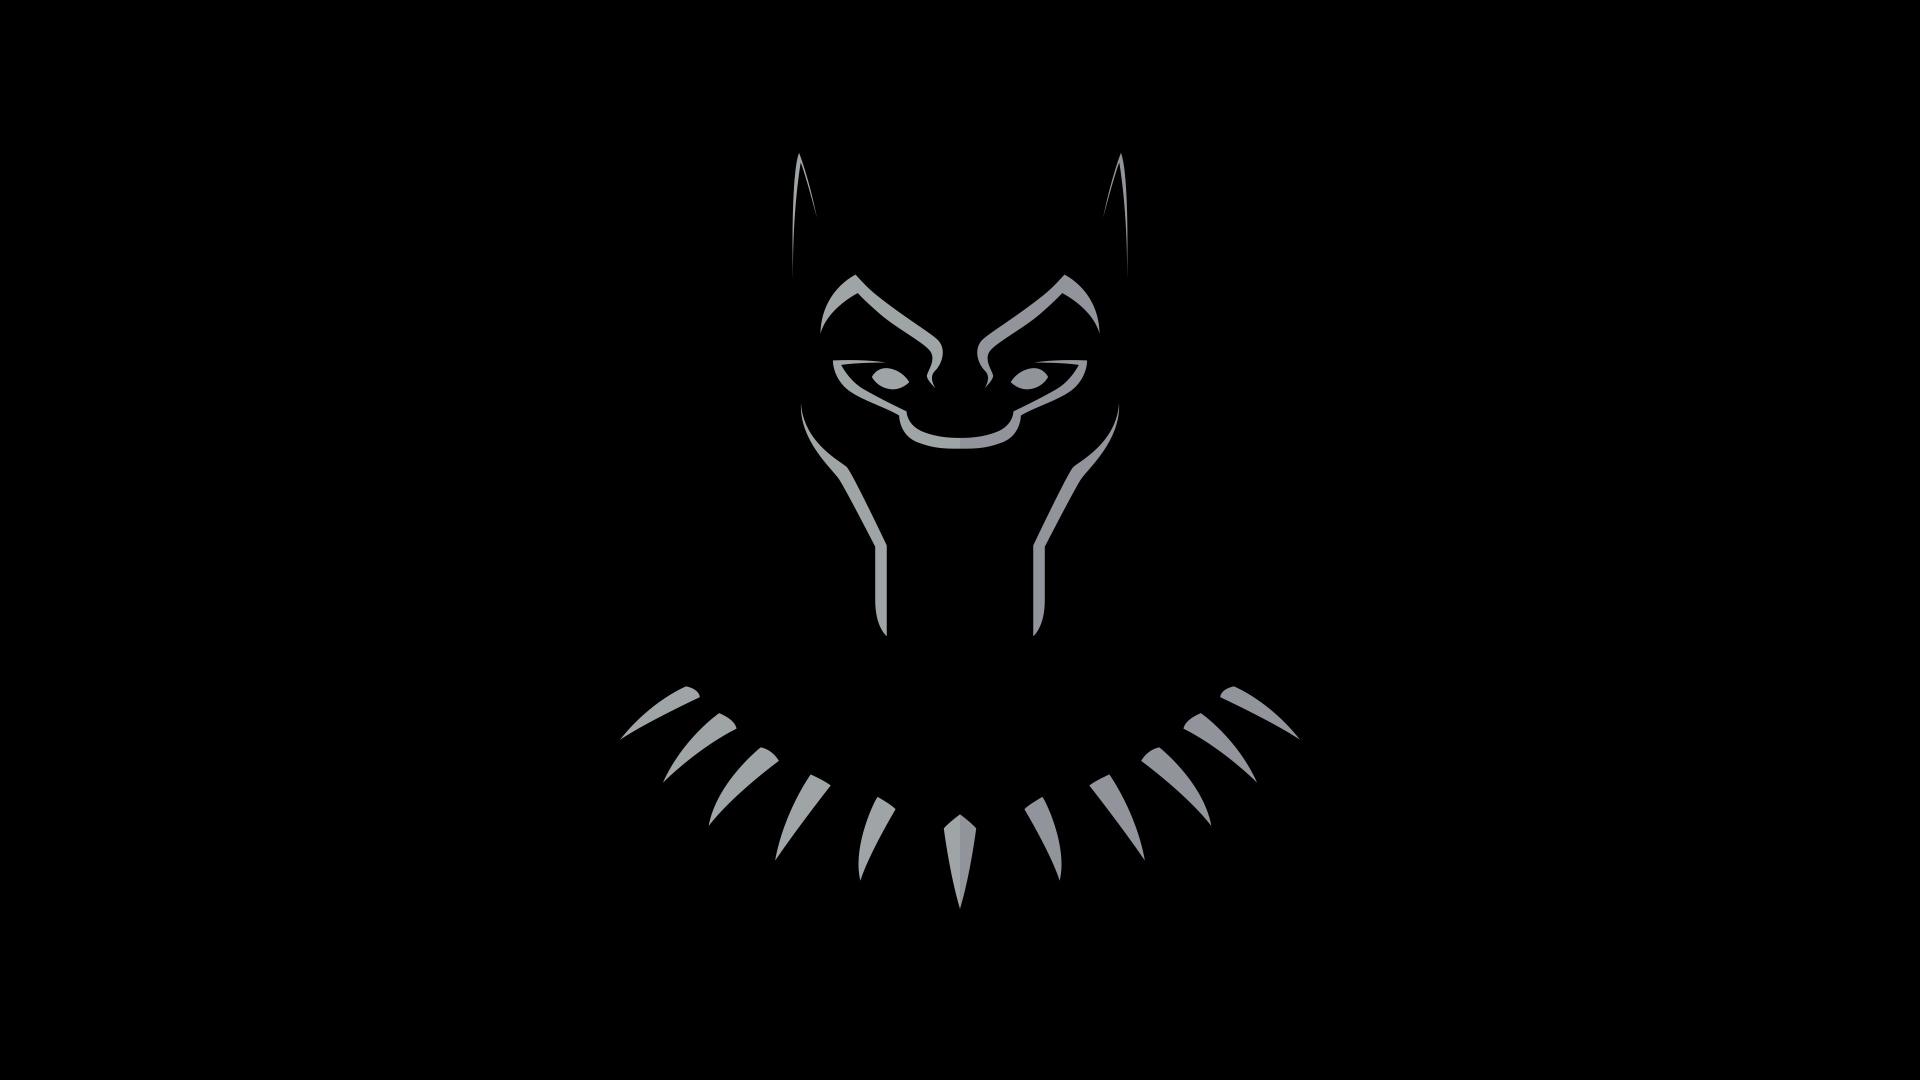 1920x1080 Black Panther Flat Digital Art 1080p Laptop Full